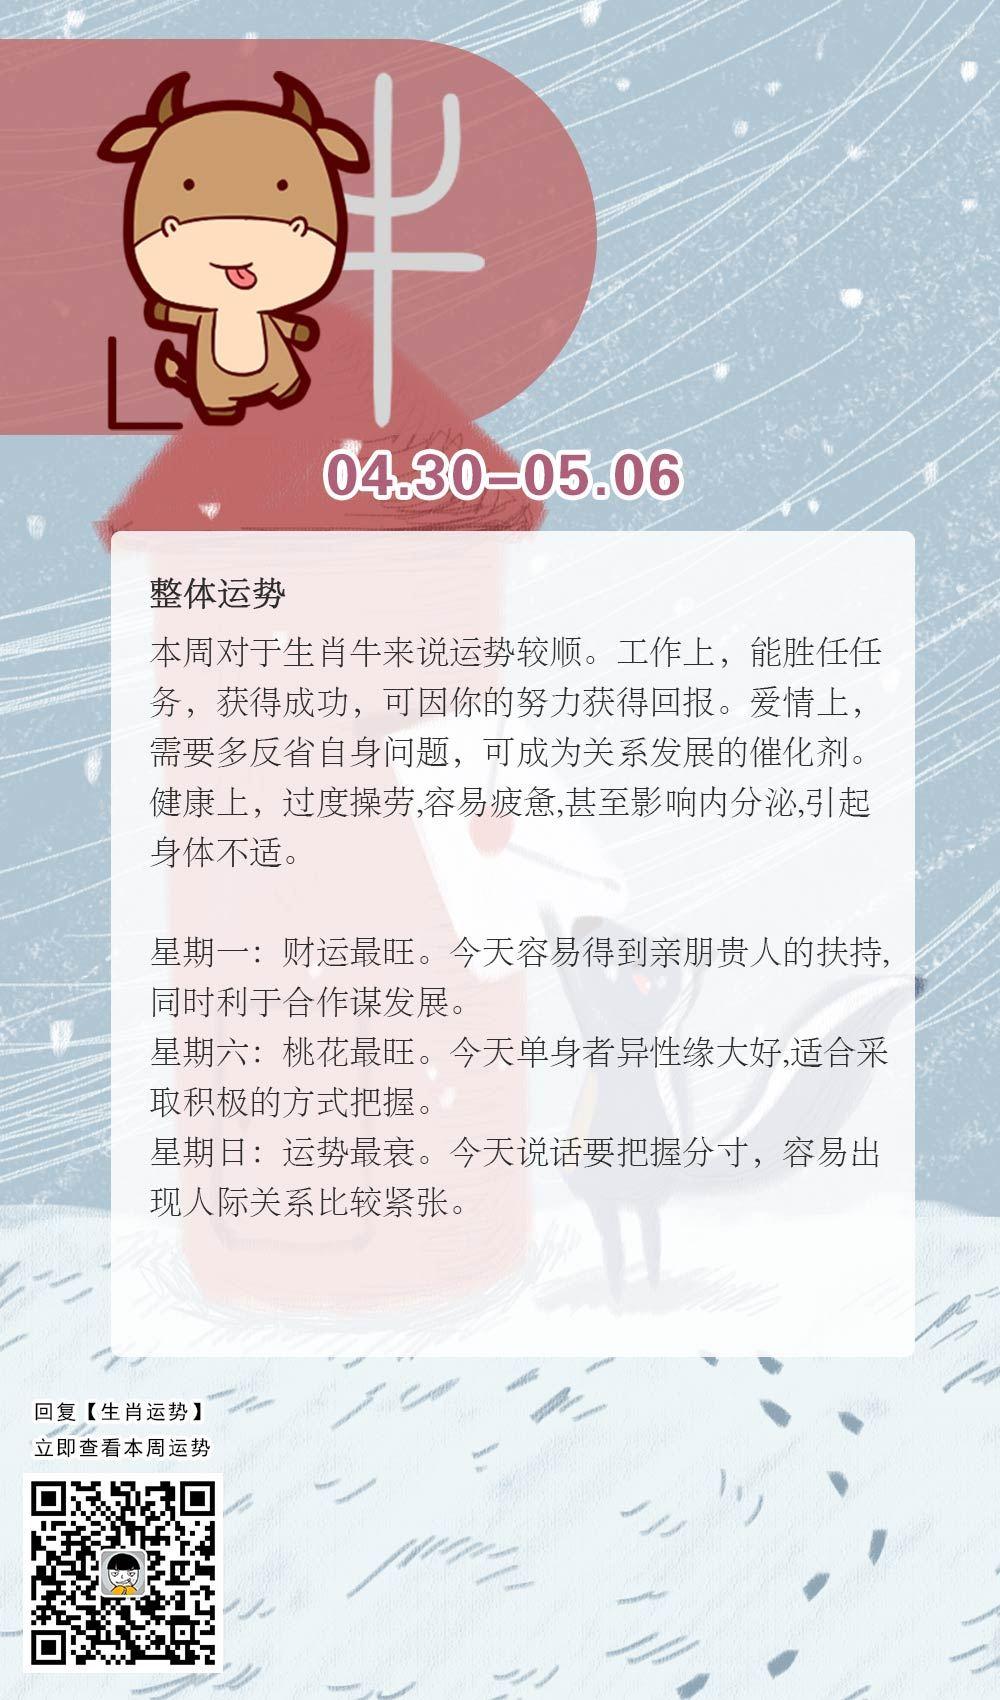 生肖牛本周运势【2018.04.30-05.06】